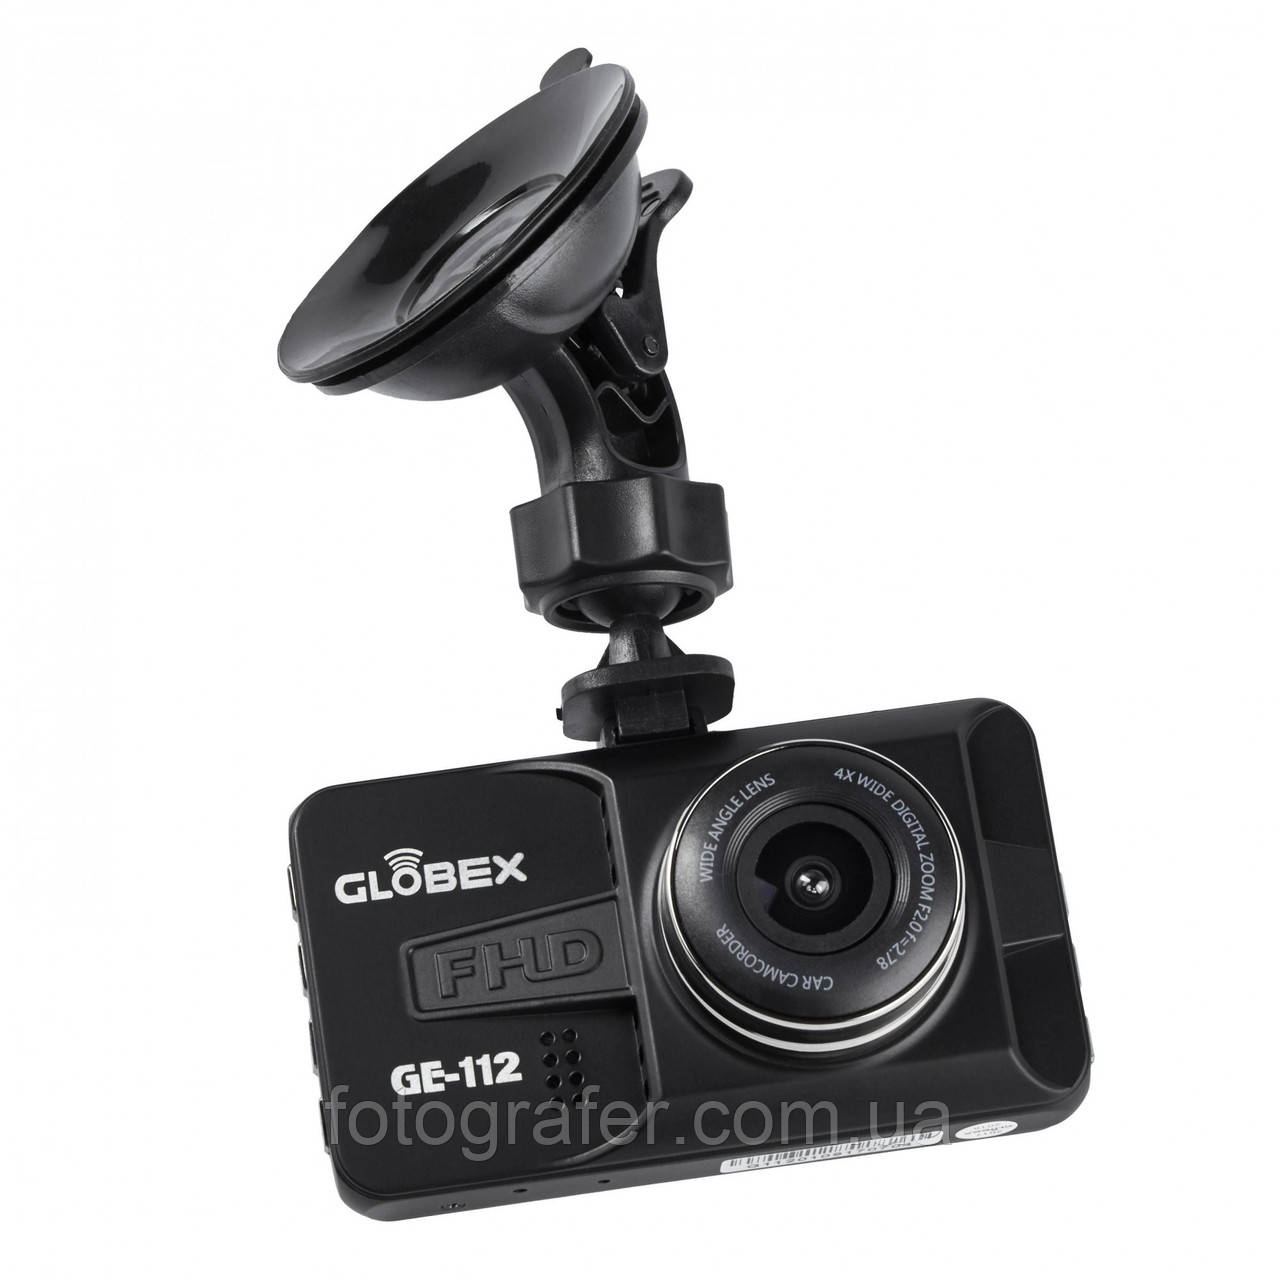 Автомобильный видеорегистратор Globex GE-112 (на складе )